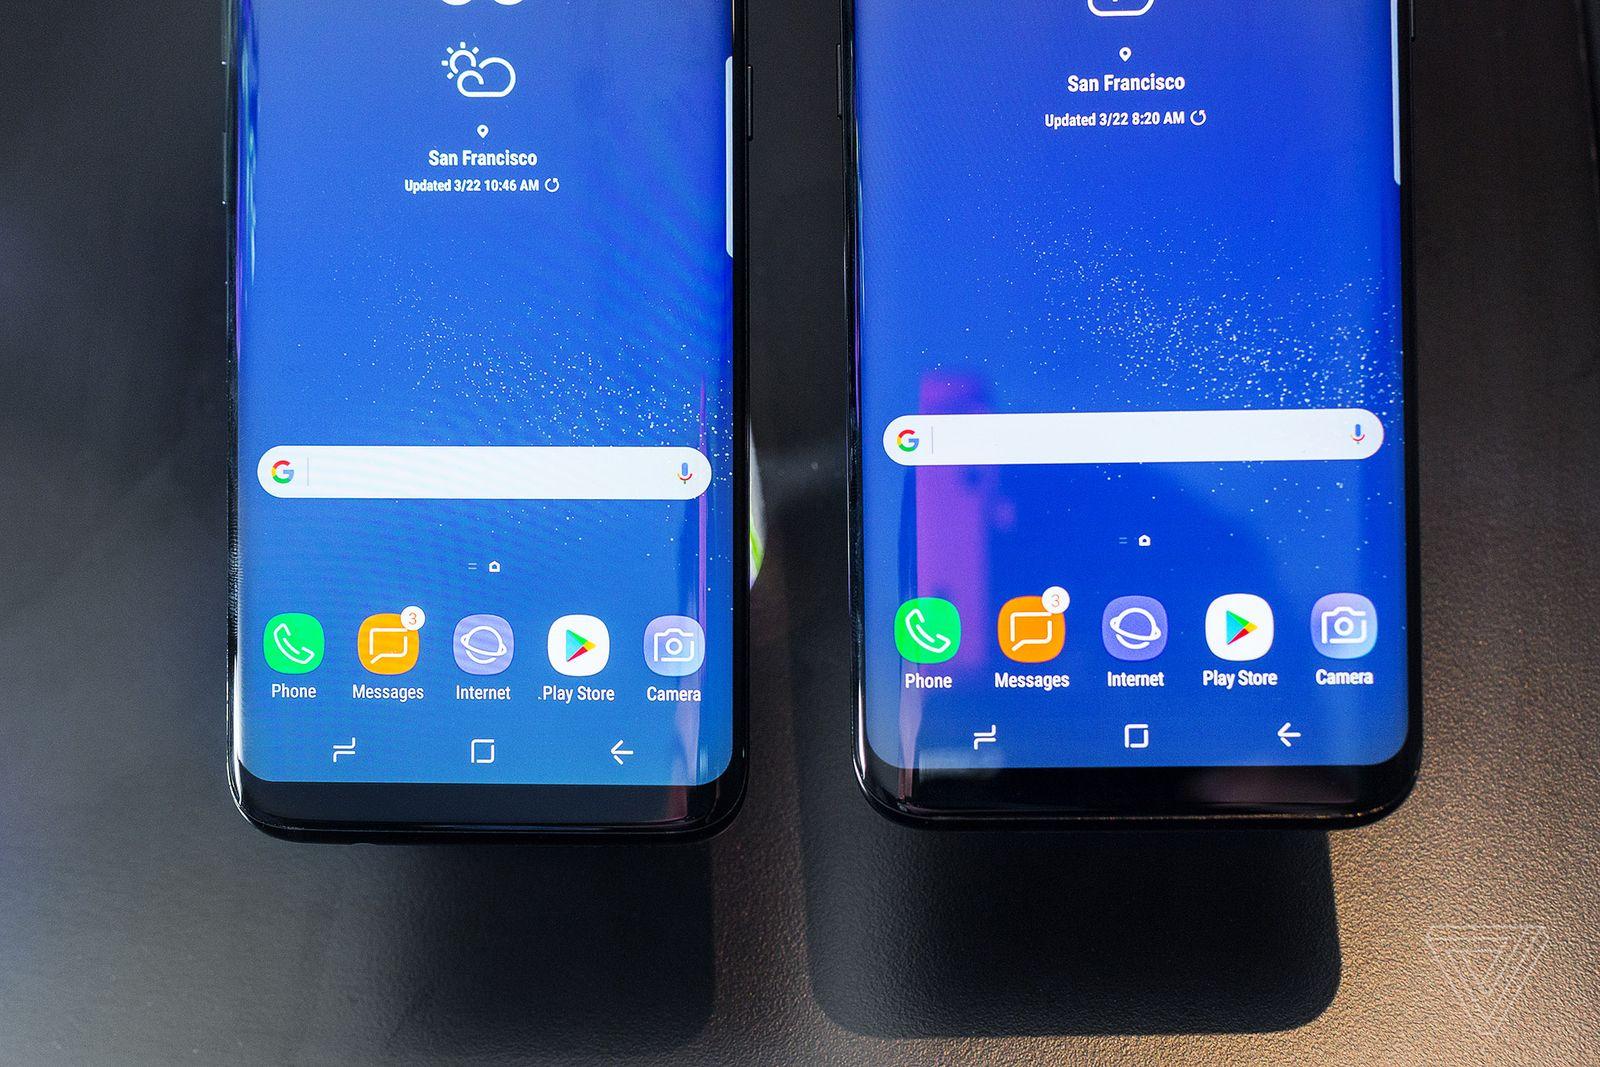 Galaxy S8 và S8 Plus mỗi người một vẻ, mười phân vẹn mười, vậy nên mua smartphone nào? - Ảnh 3.